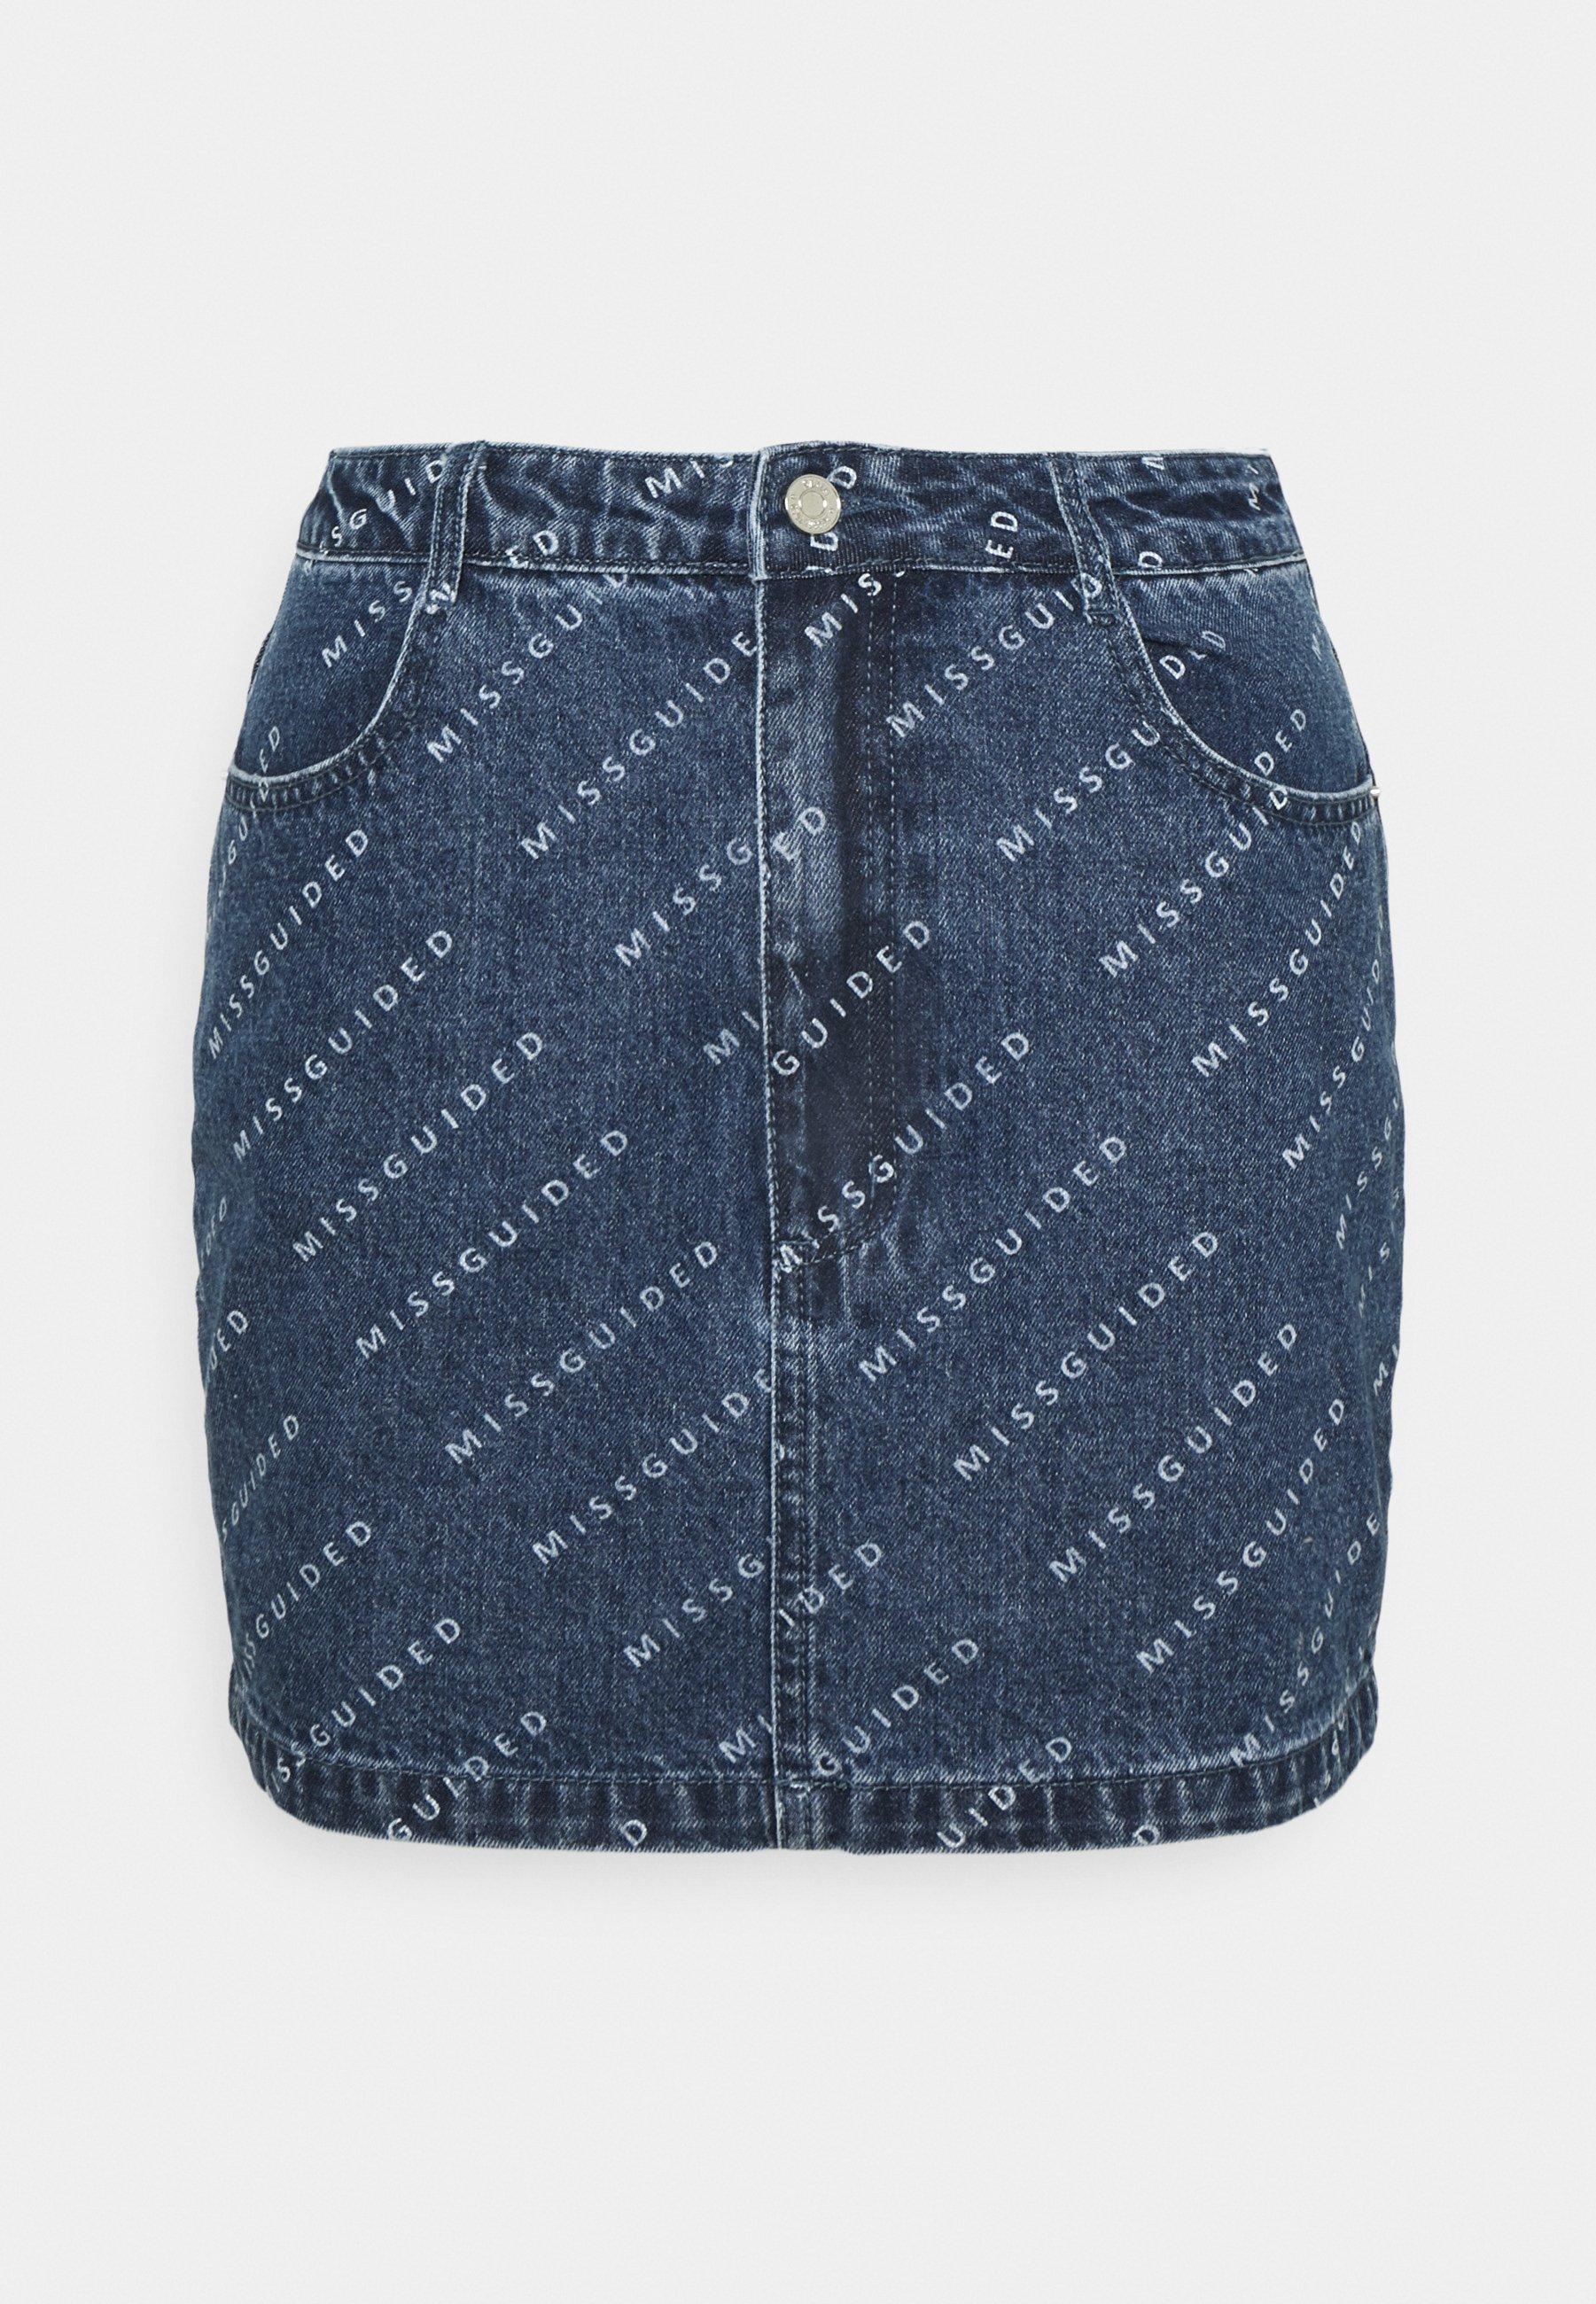 Femme PRINT DENIM SKIRT  - Jupe en jean